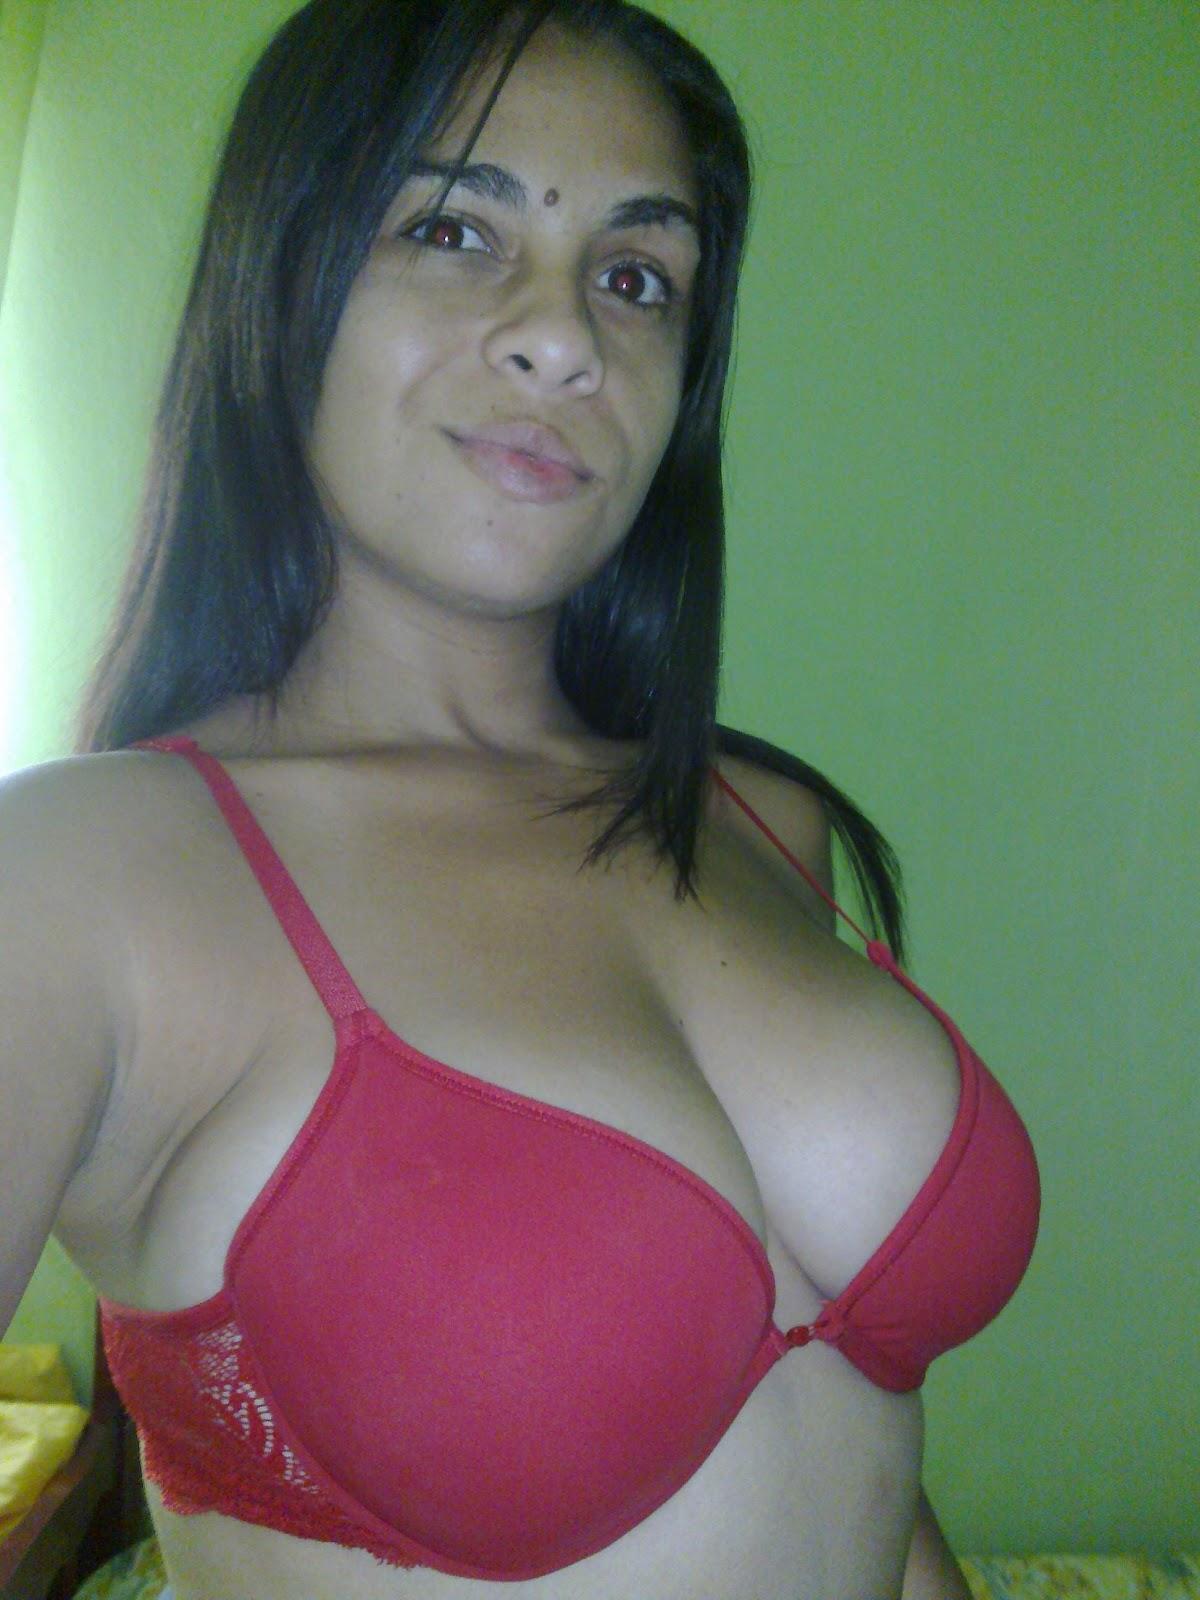 Desi Beach Nude - Desi porn girlz nude bj - Best porno